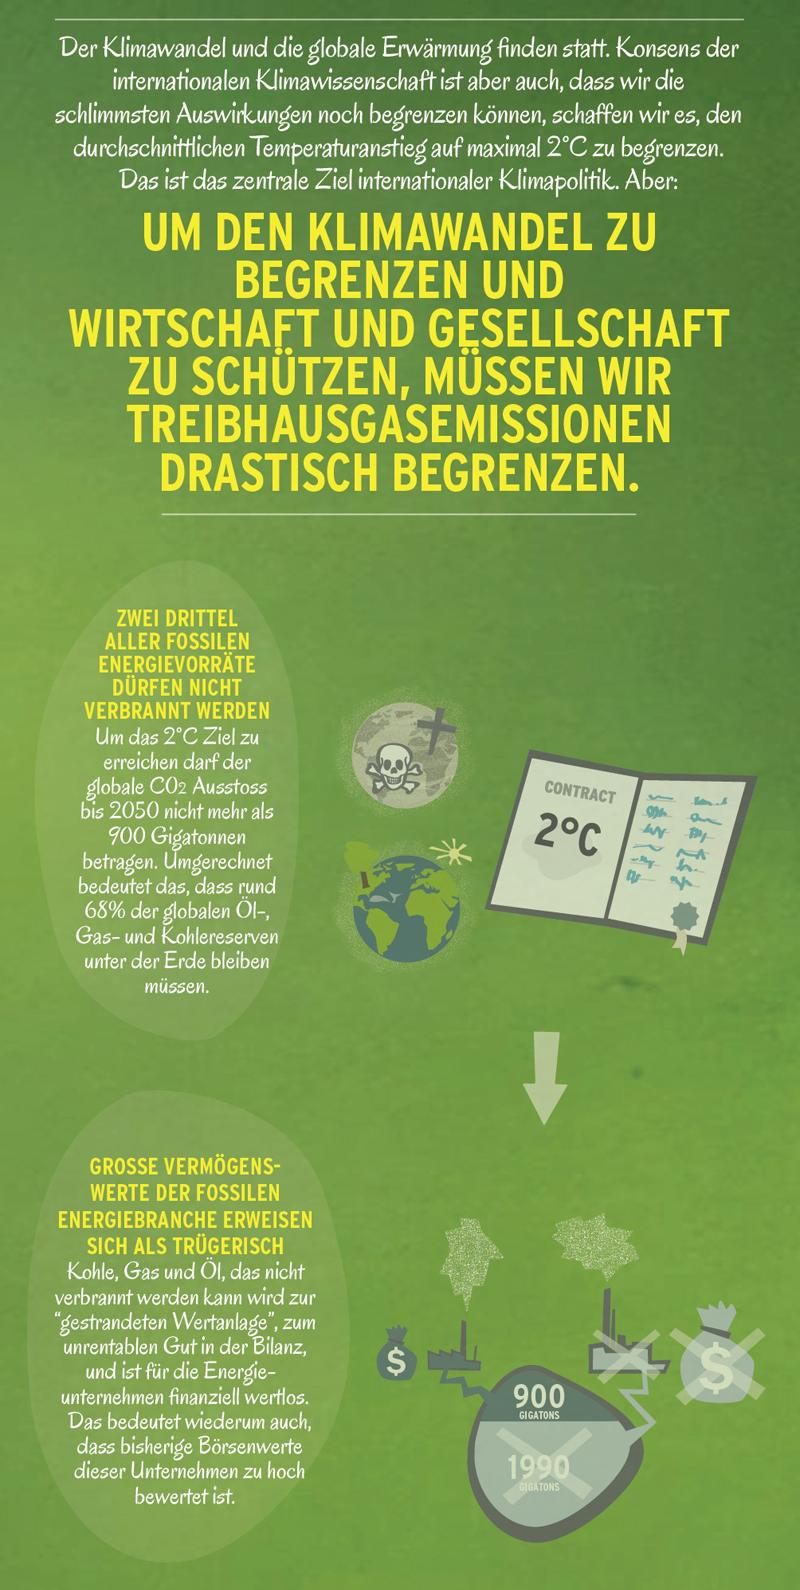 Divest3_Infographic_Web_DE